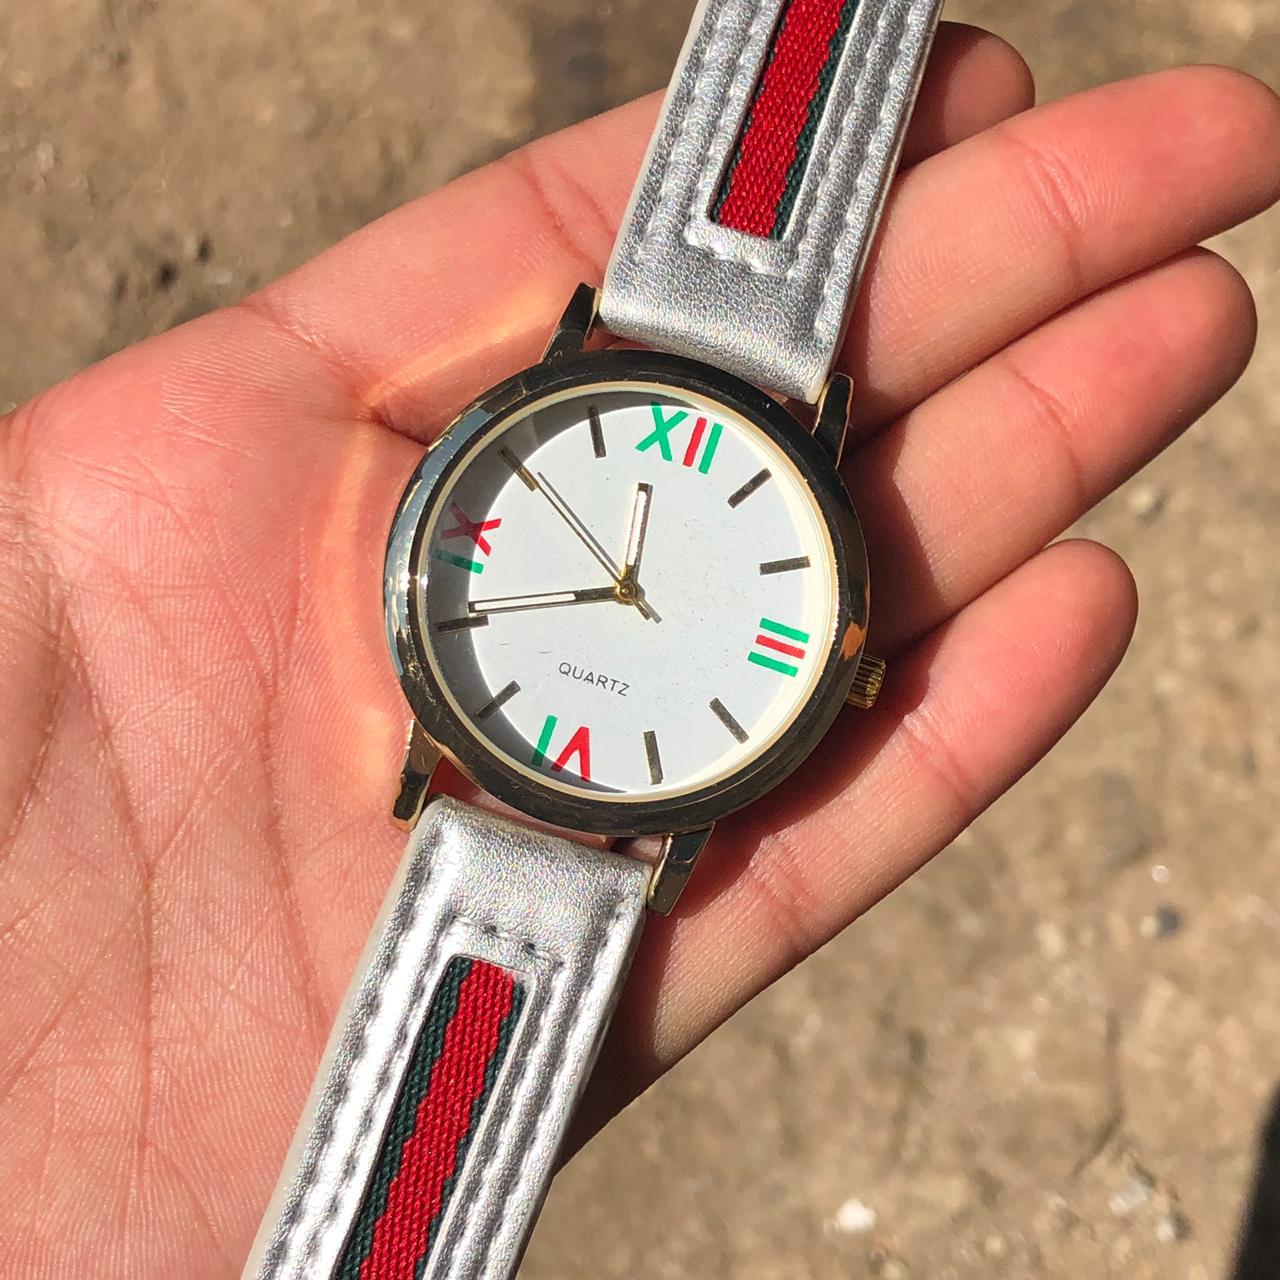 c310f81ab96 Relógio Feminino Inspiração Gucci Pulseira de Couro Prata Cintilante ...